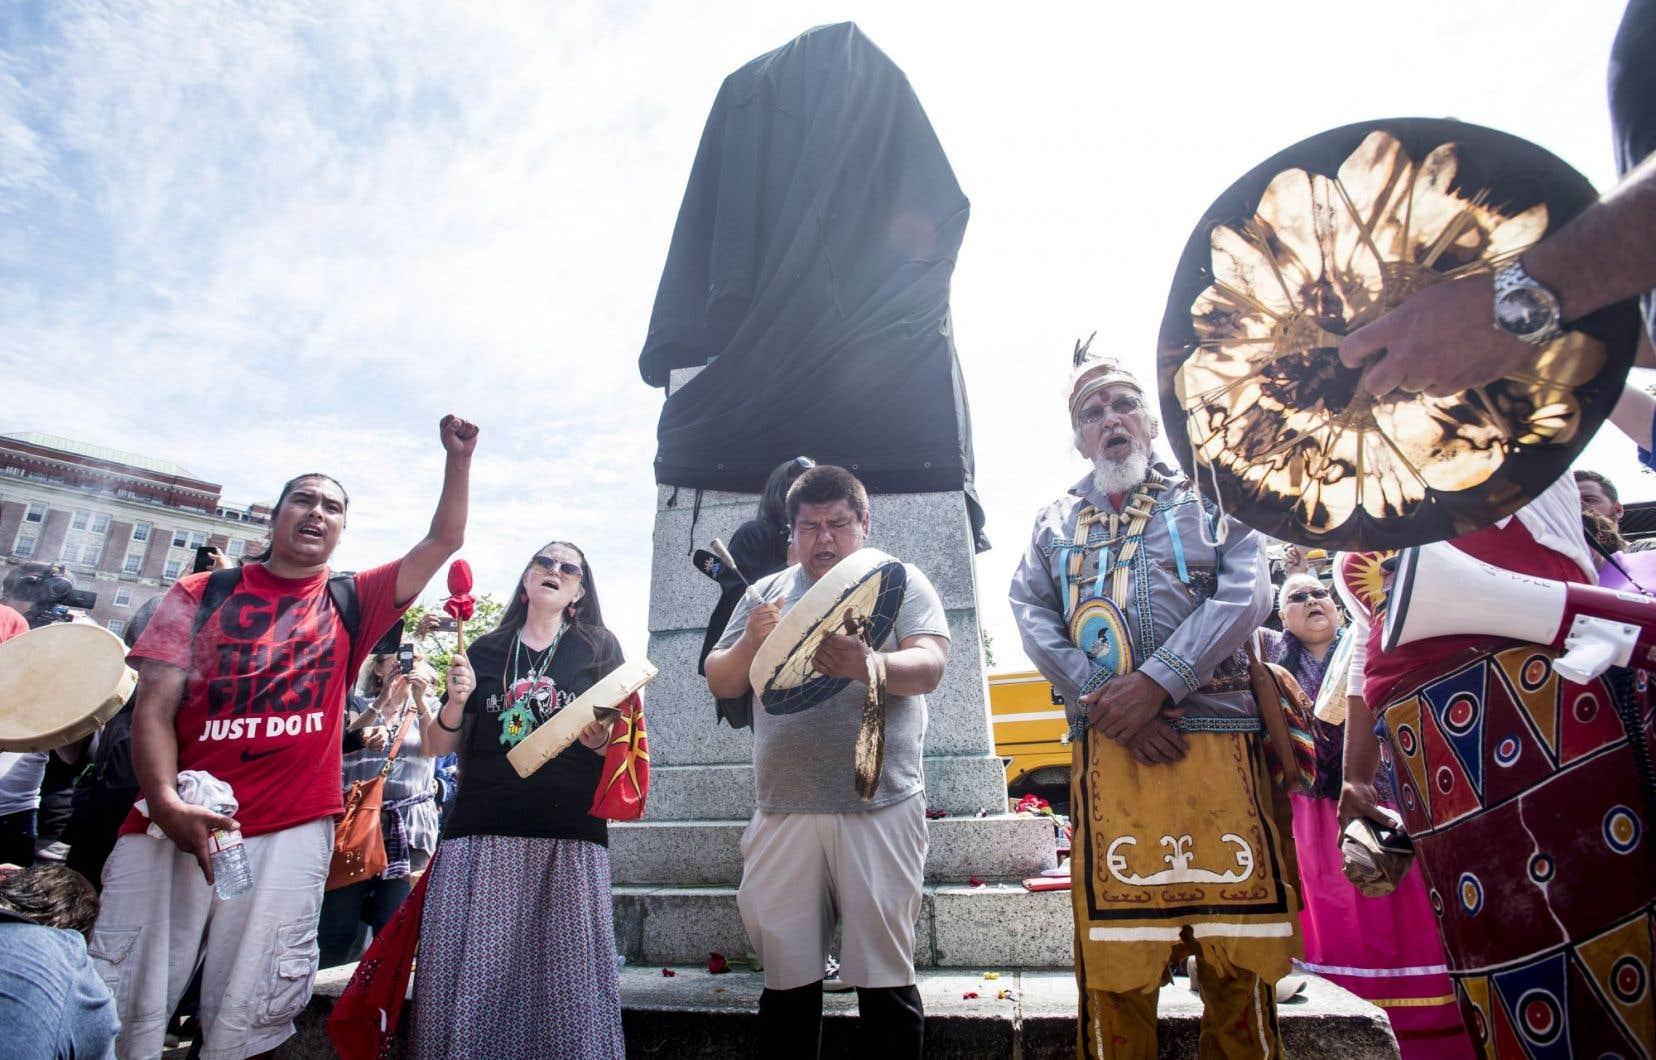 L'appel au retrait de sa statue avait ravivé le débat quant à la manière que la ville de Halifax commémore son histoire coloniale et que les Mi'kmaq revisitent leur passé.